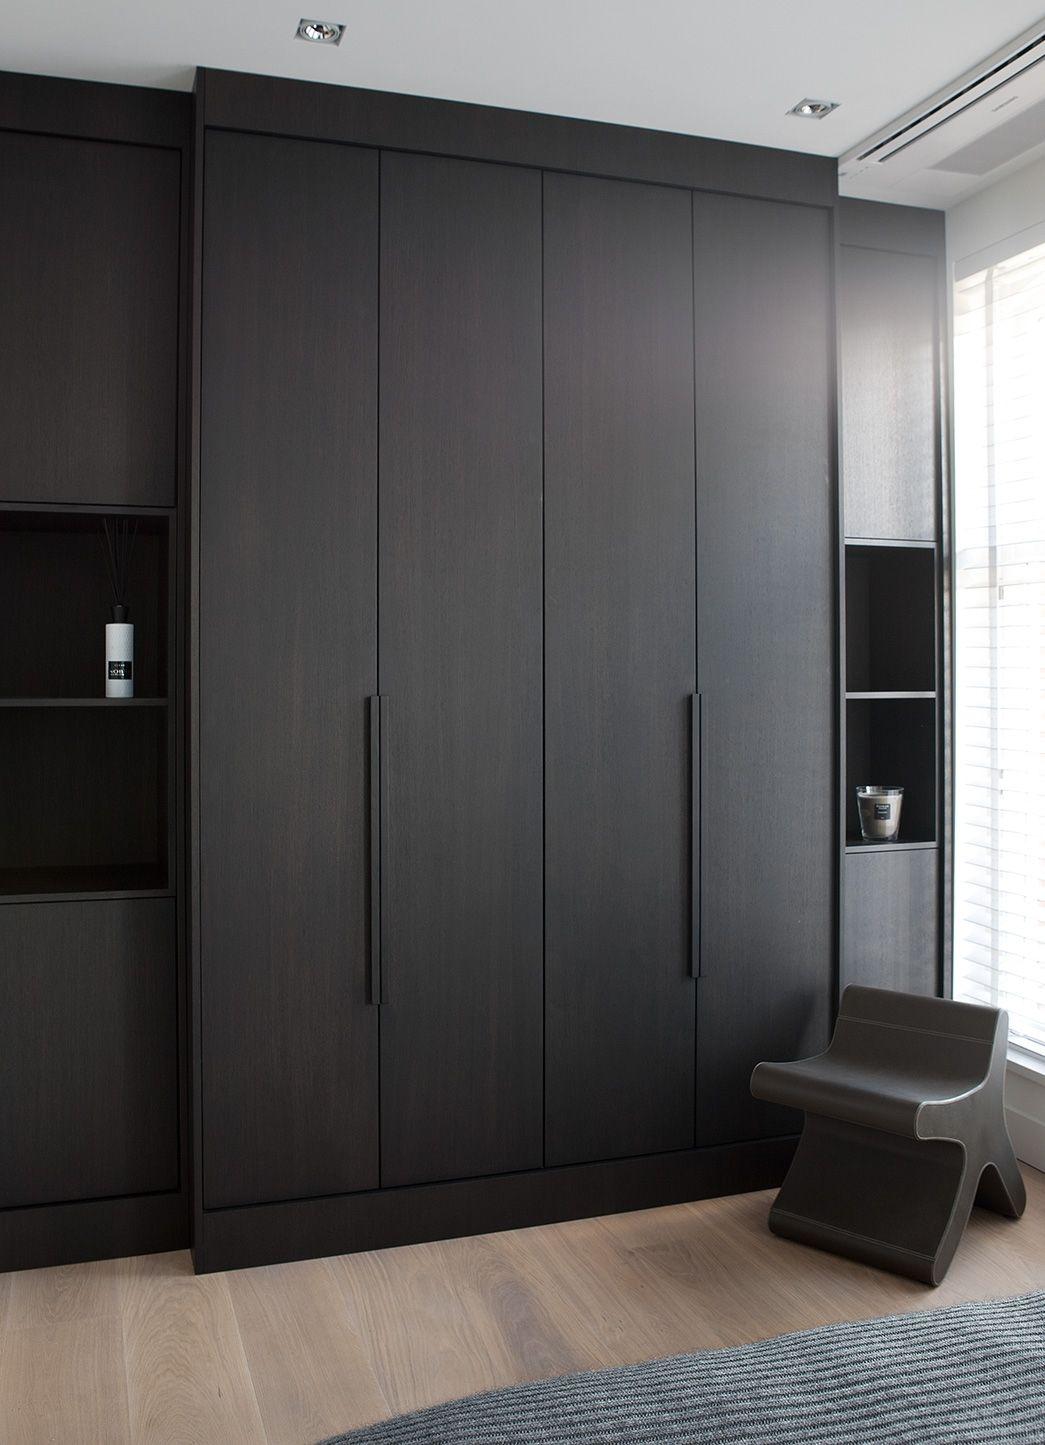 Bekijk de afbeelding full screen closet vestidor en 2019 - Diseno de armarios online ...